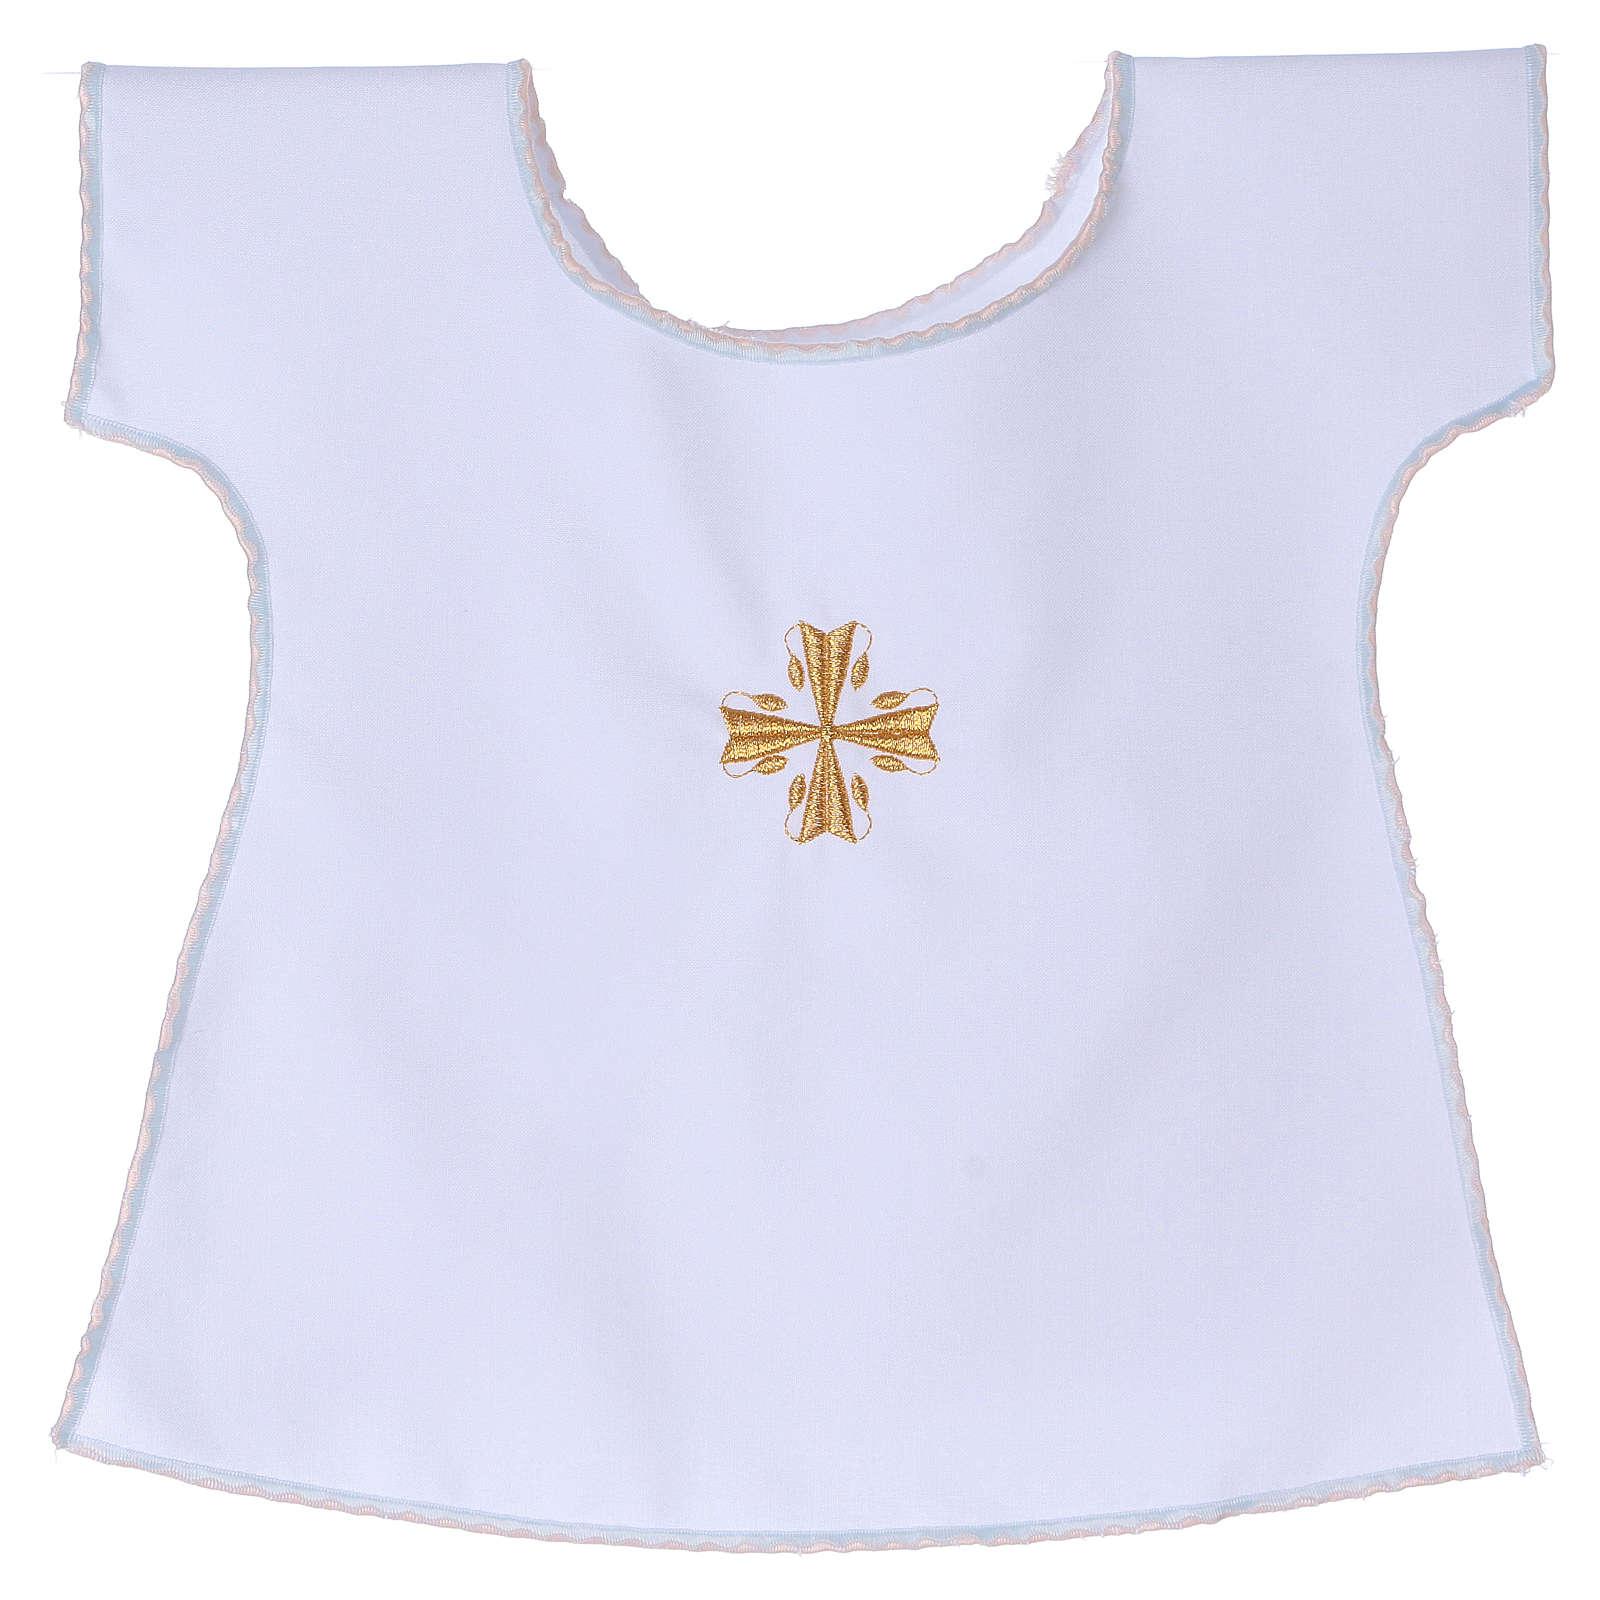 Aube baptême croix 65% polyester 35% coton 4